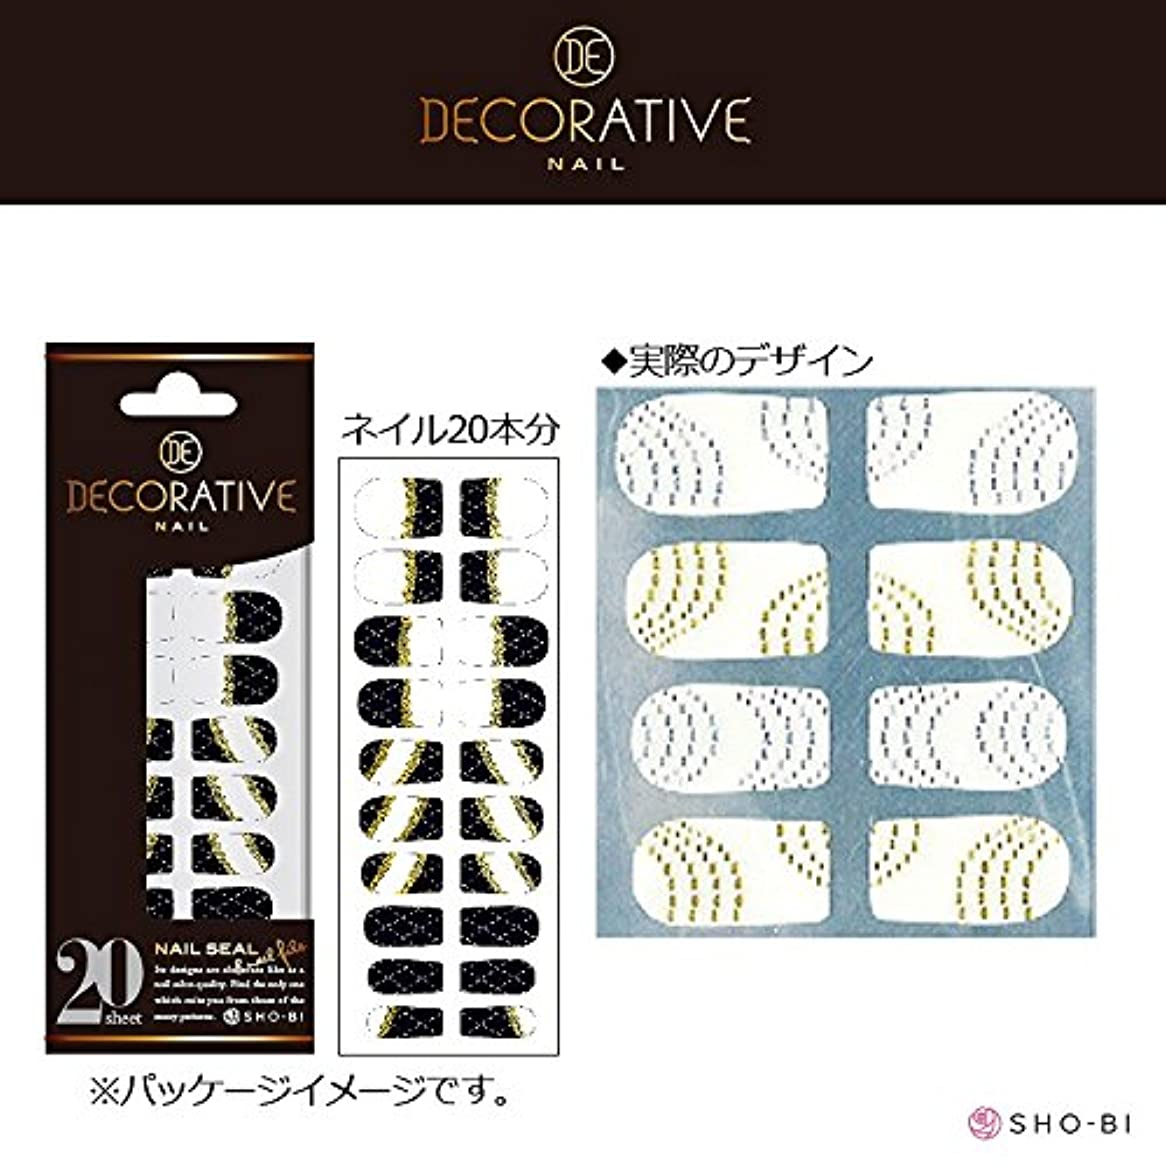 香り競争展開するデコラティブネイル ラッピングシール シャインウェーブ TN80488